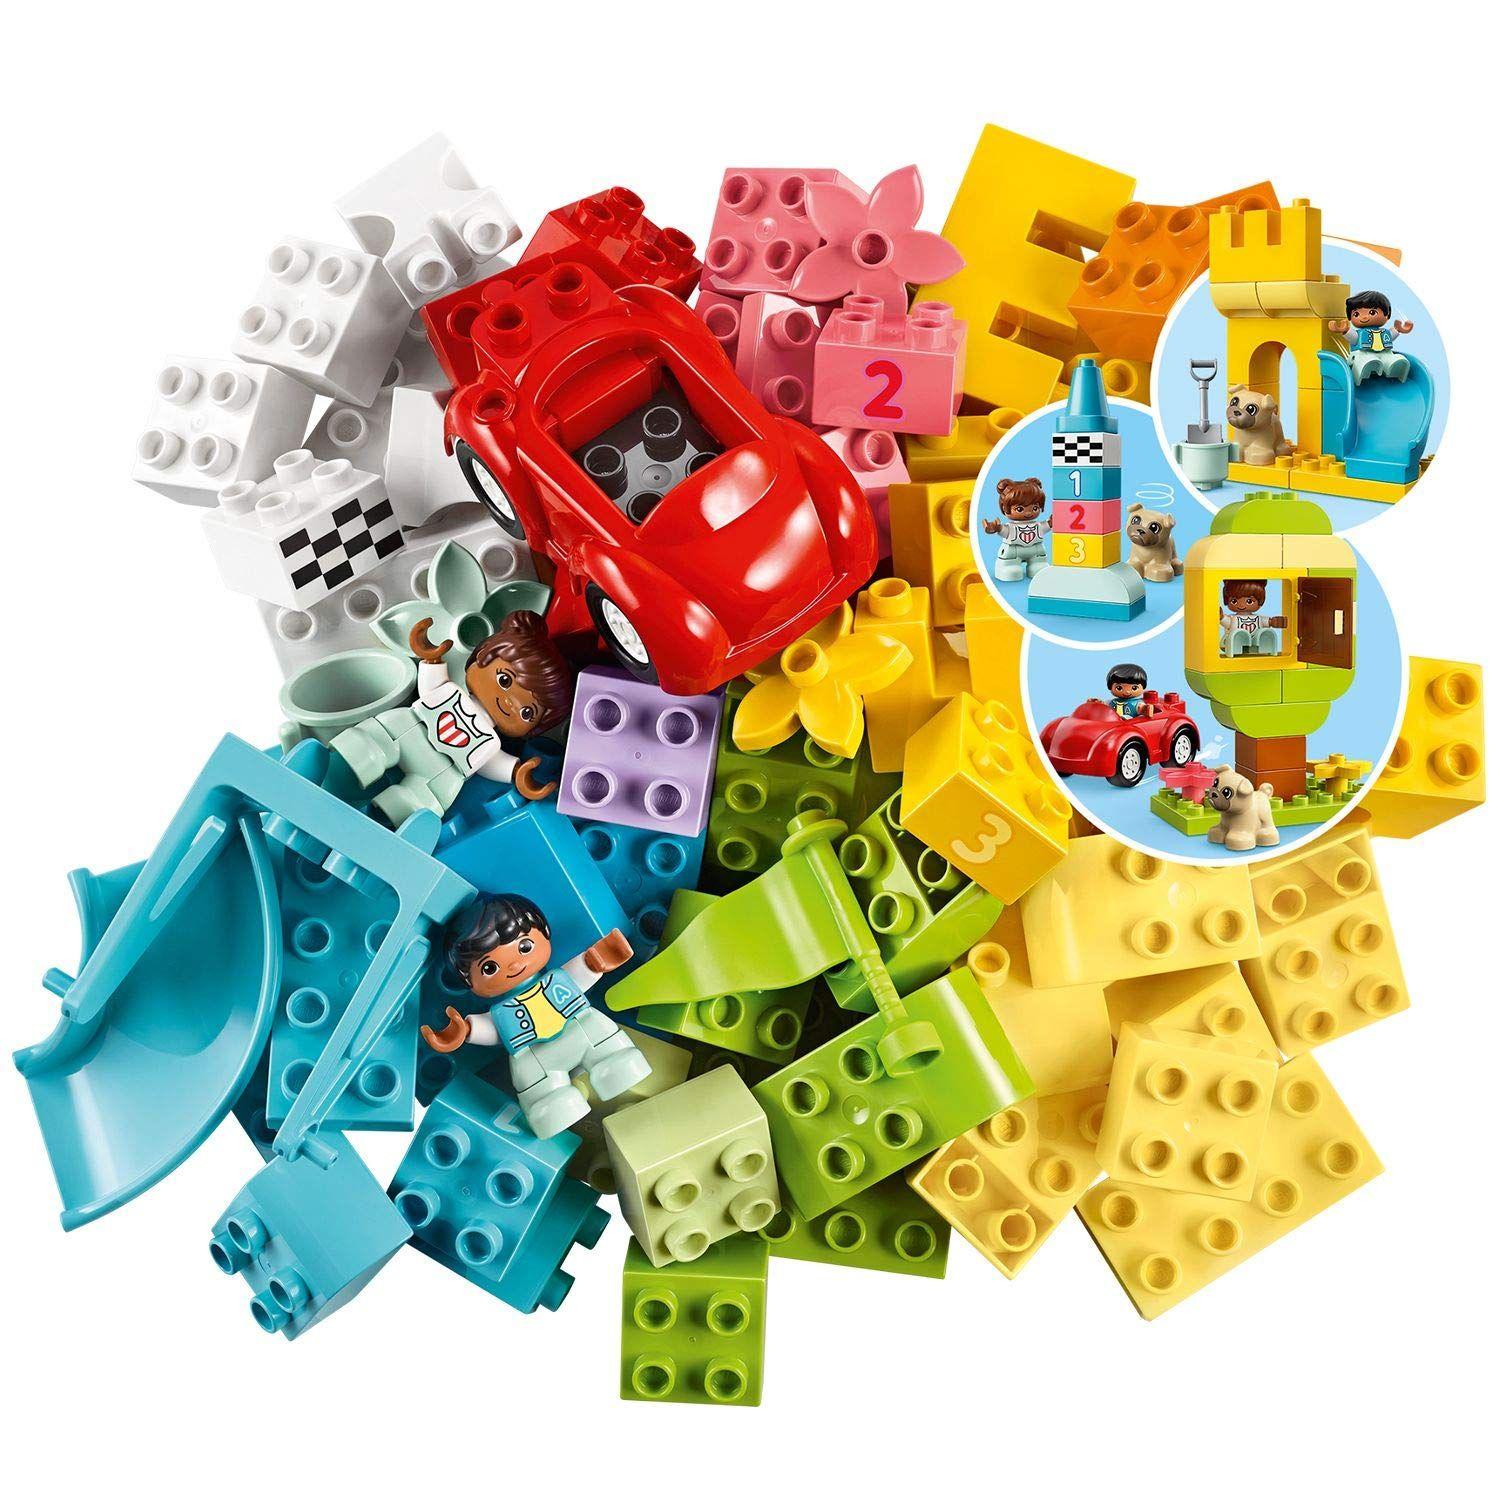 Конструктор Lego Duplo - Луксозна кутия с тухлички (10914) - 2